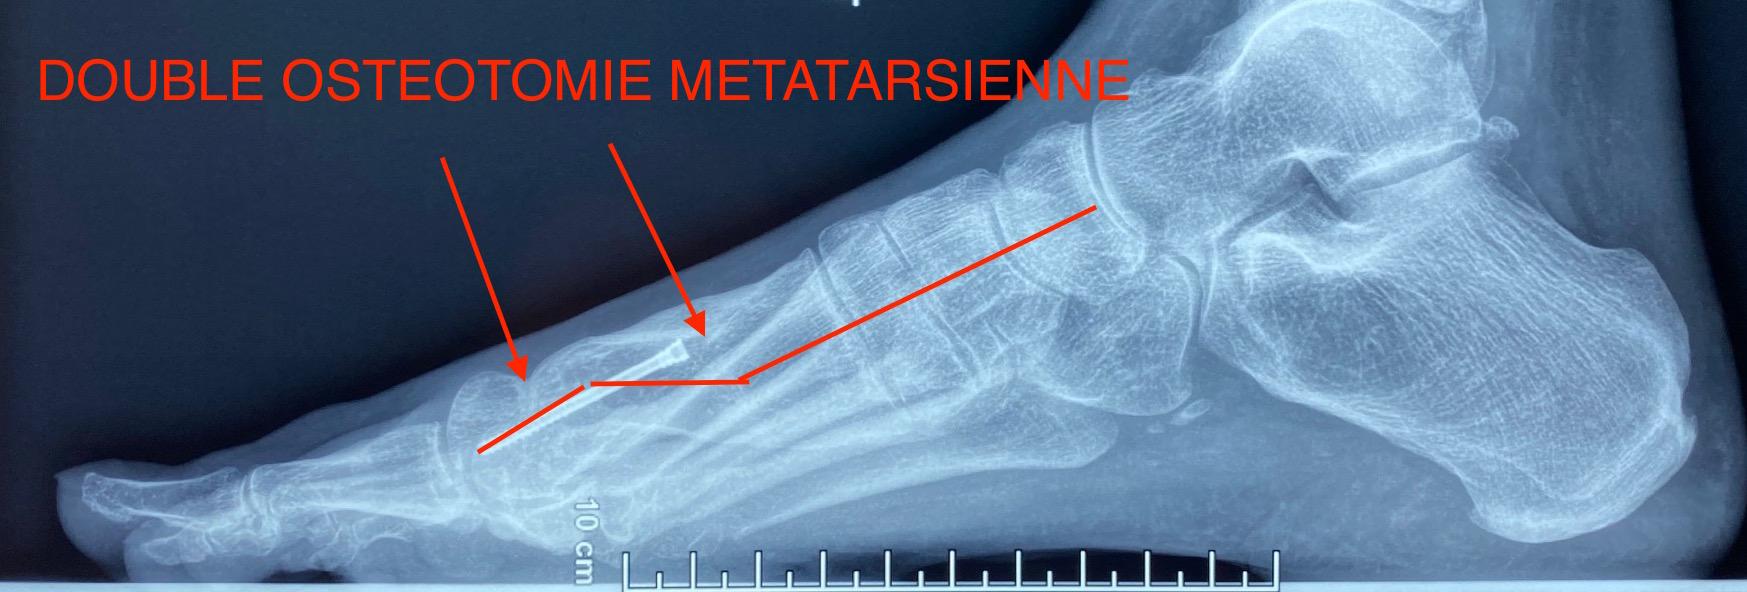 Radio double osteotomie métatarsienne pied creux Docteur Cyril PERRIER Chirurgie pied cheville PCNA NANTES SAINT HERBLAIN